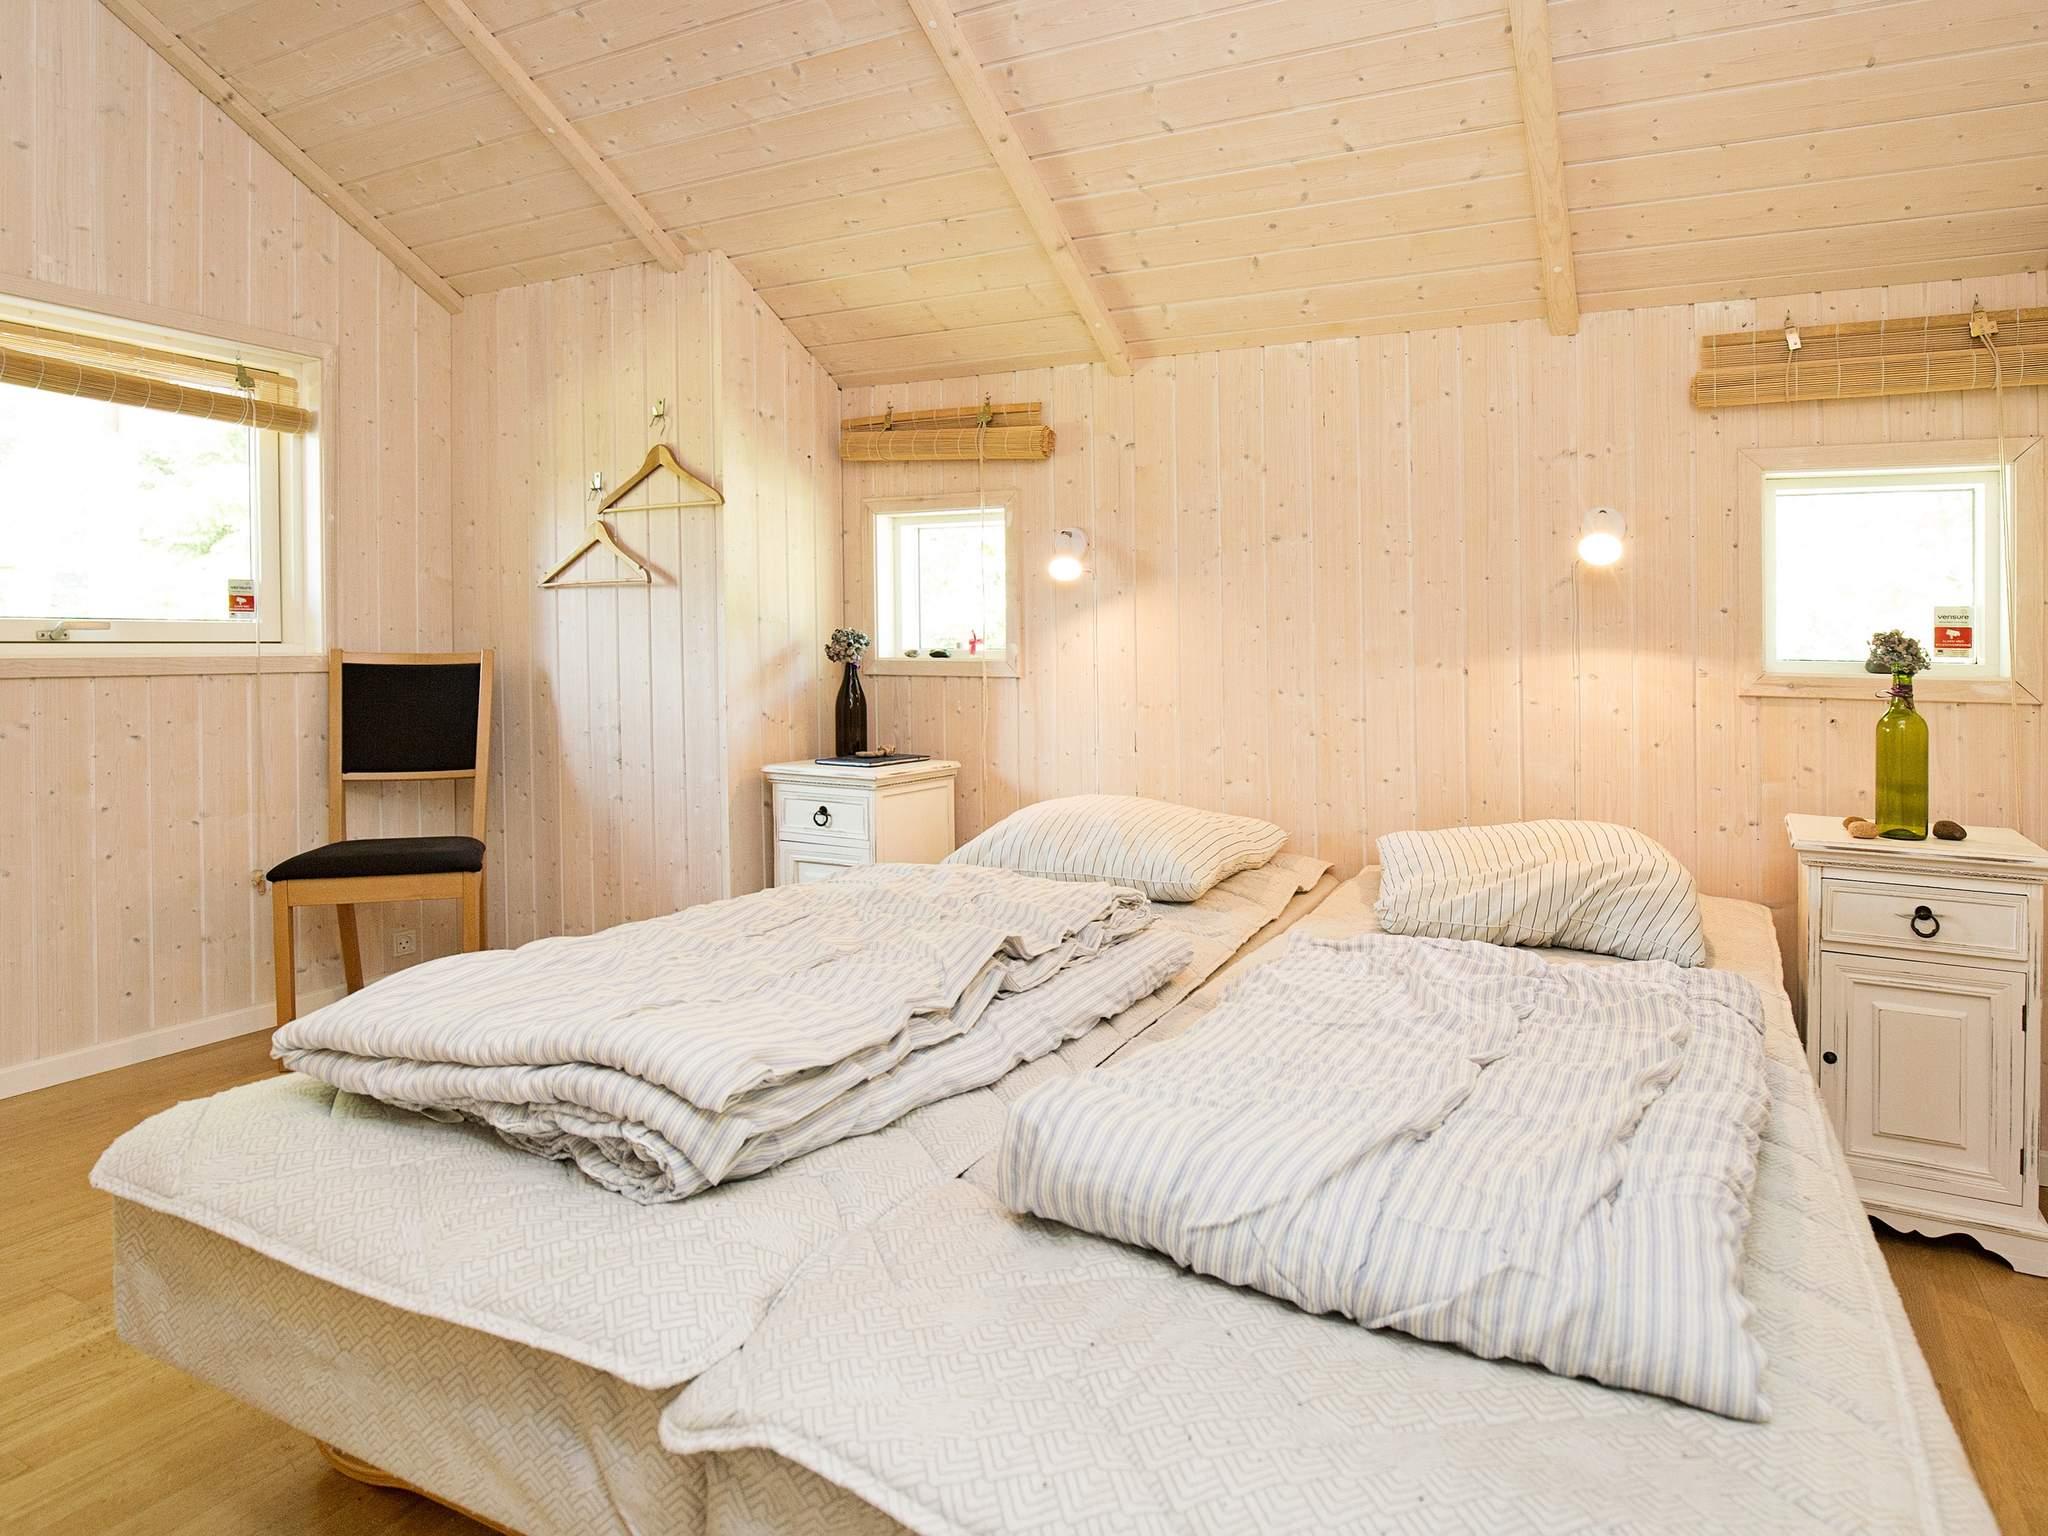 Ferienhaus Veddinge Bakker (216923), Asnæs, , Westseeland, Dänemark, Bild 10